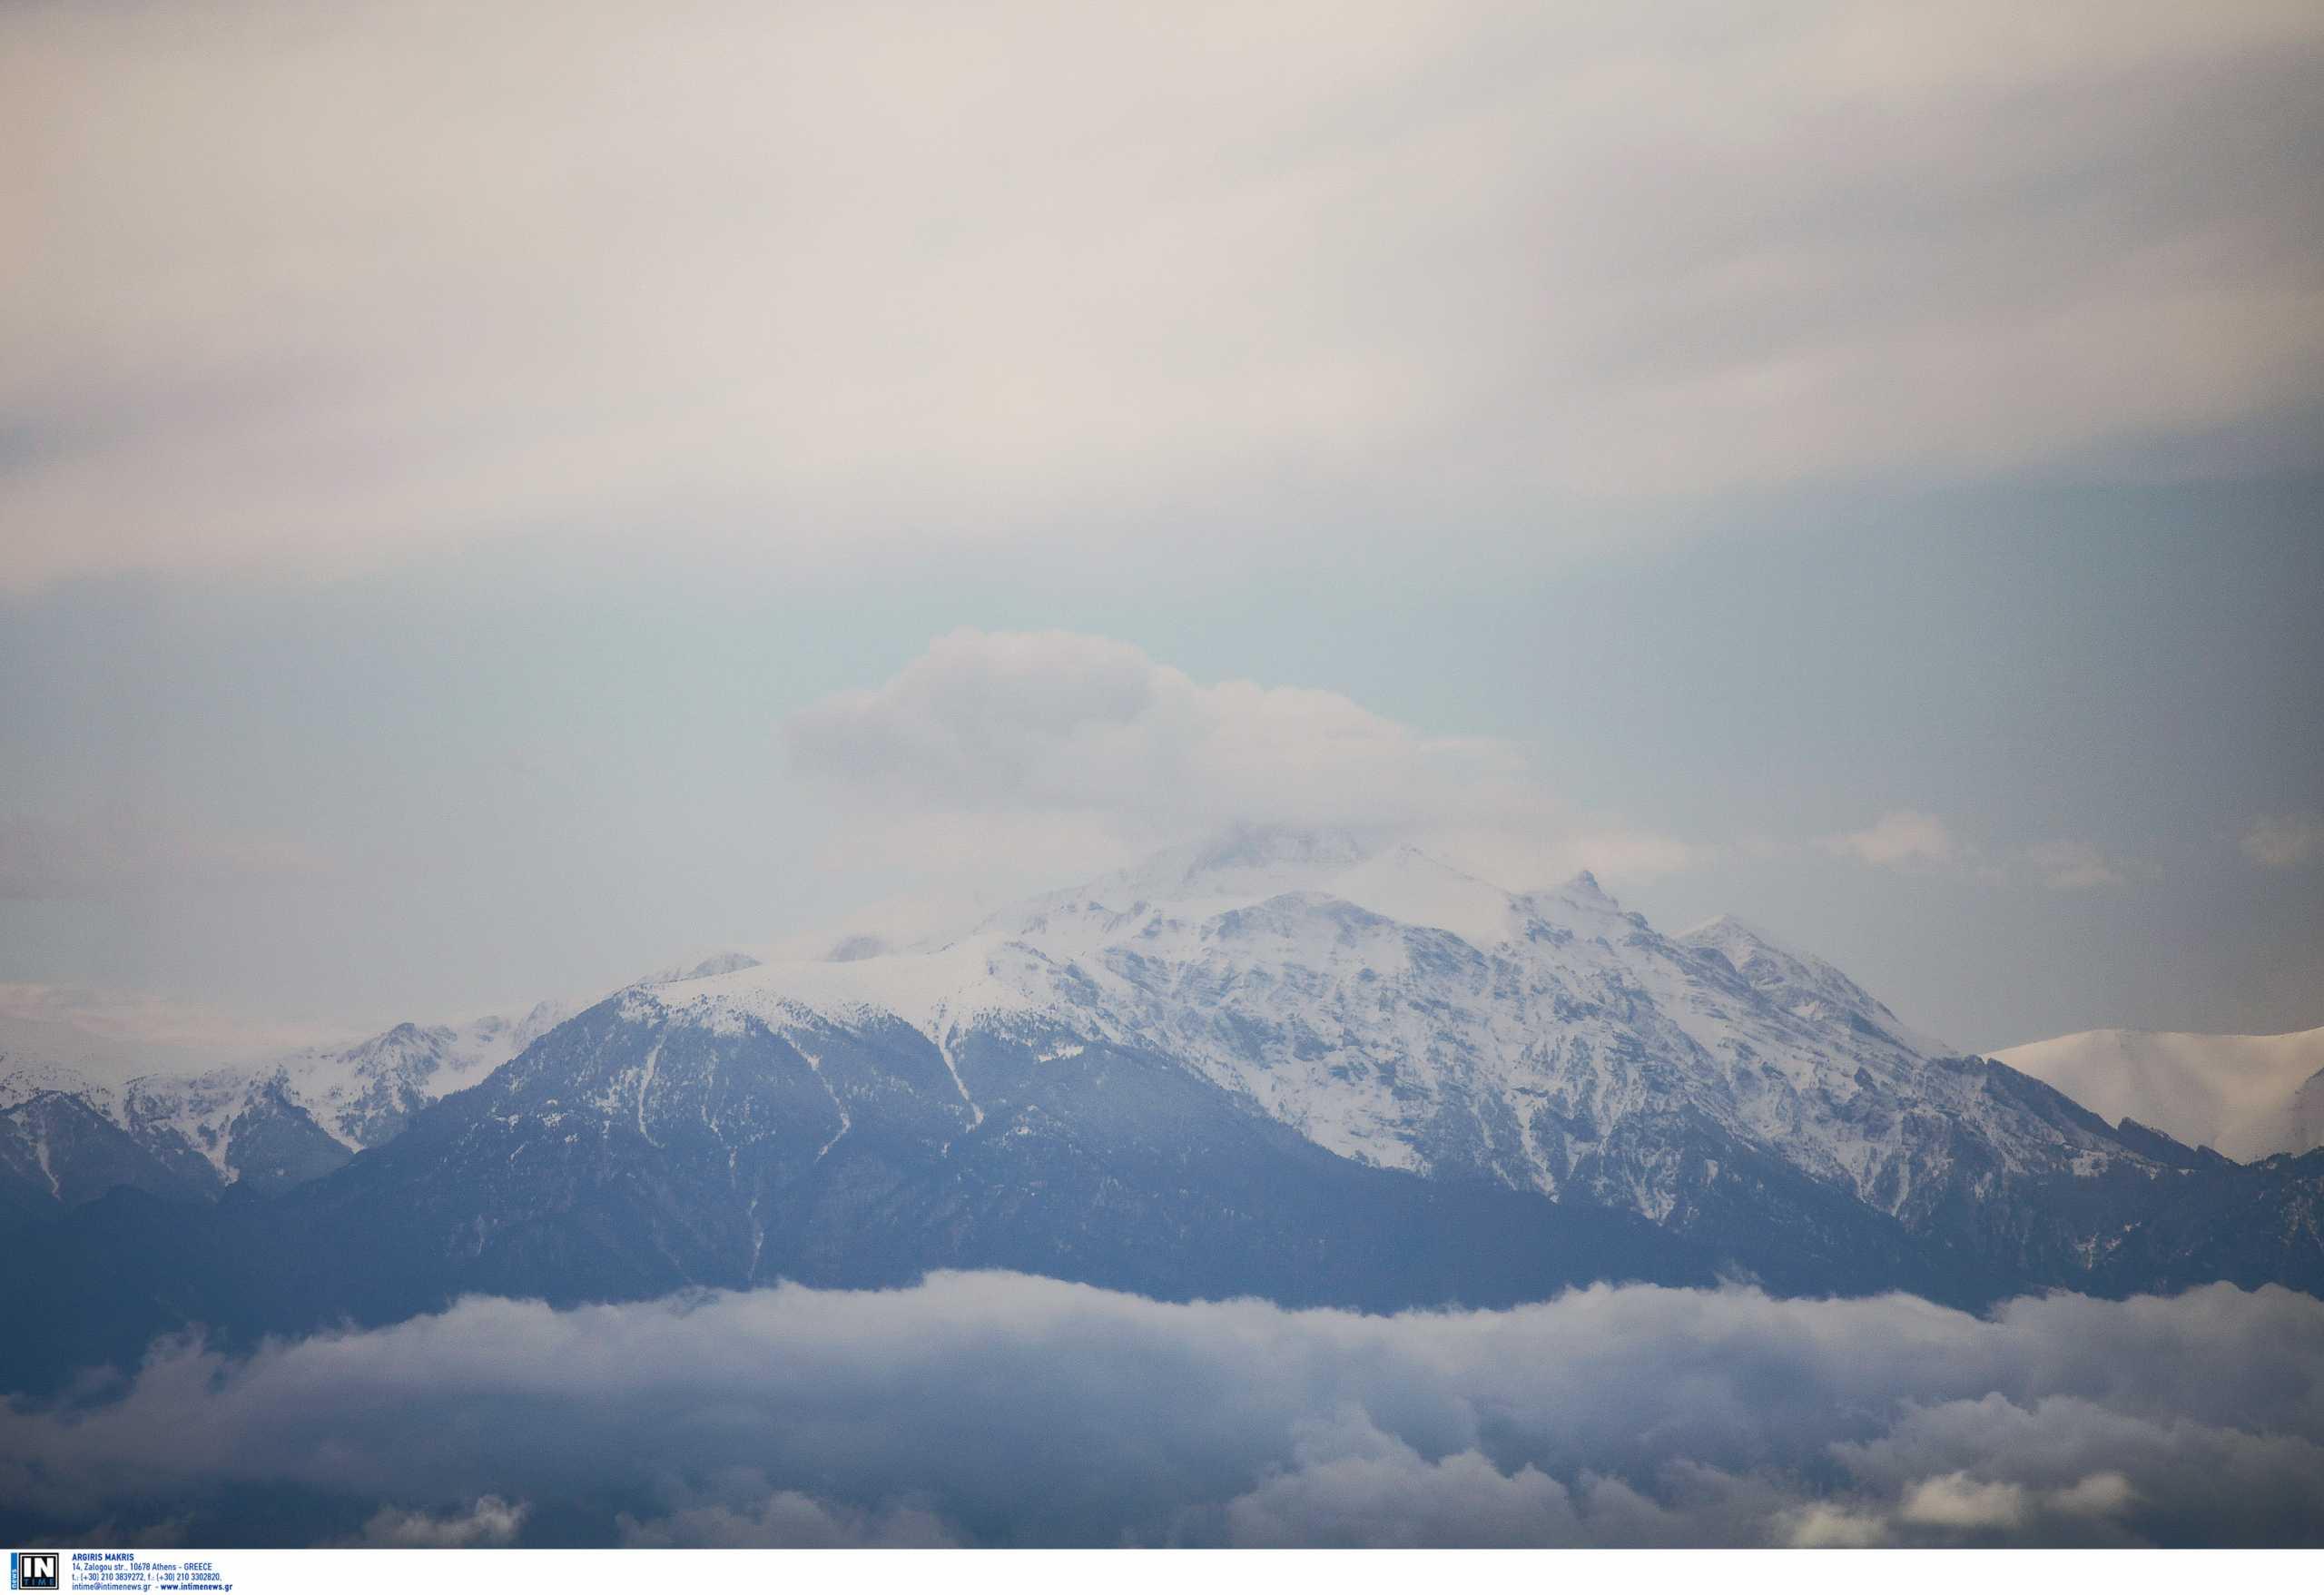 Όλυμπος: Βρέθηκε ο ένας ορειβάτης χωρίς τις αισθήσεις του μετά τη χιονοστιβάδα